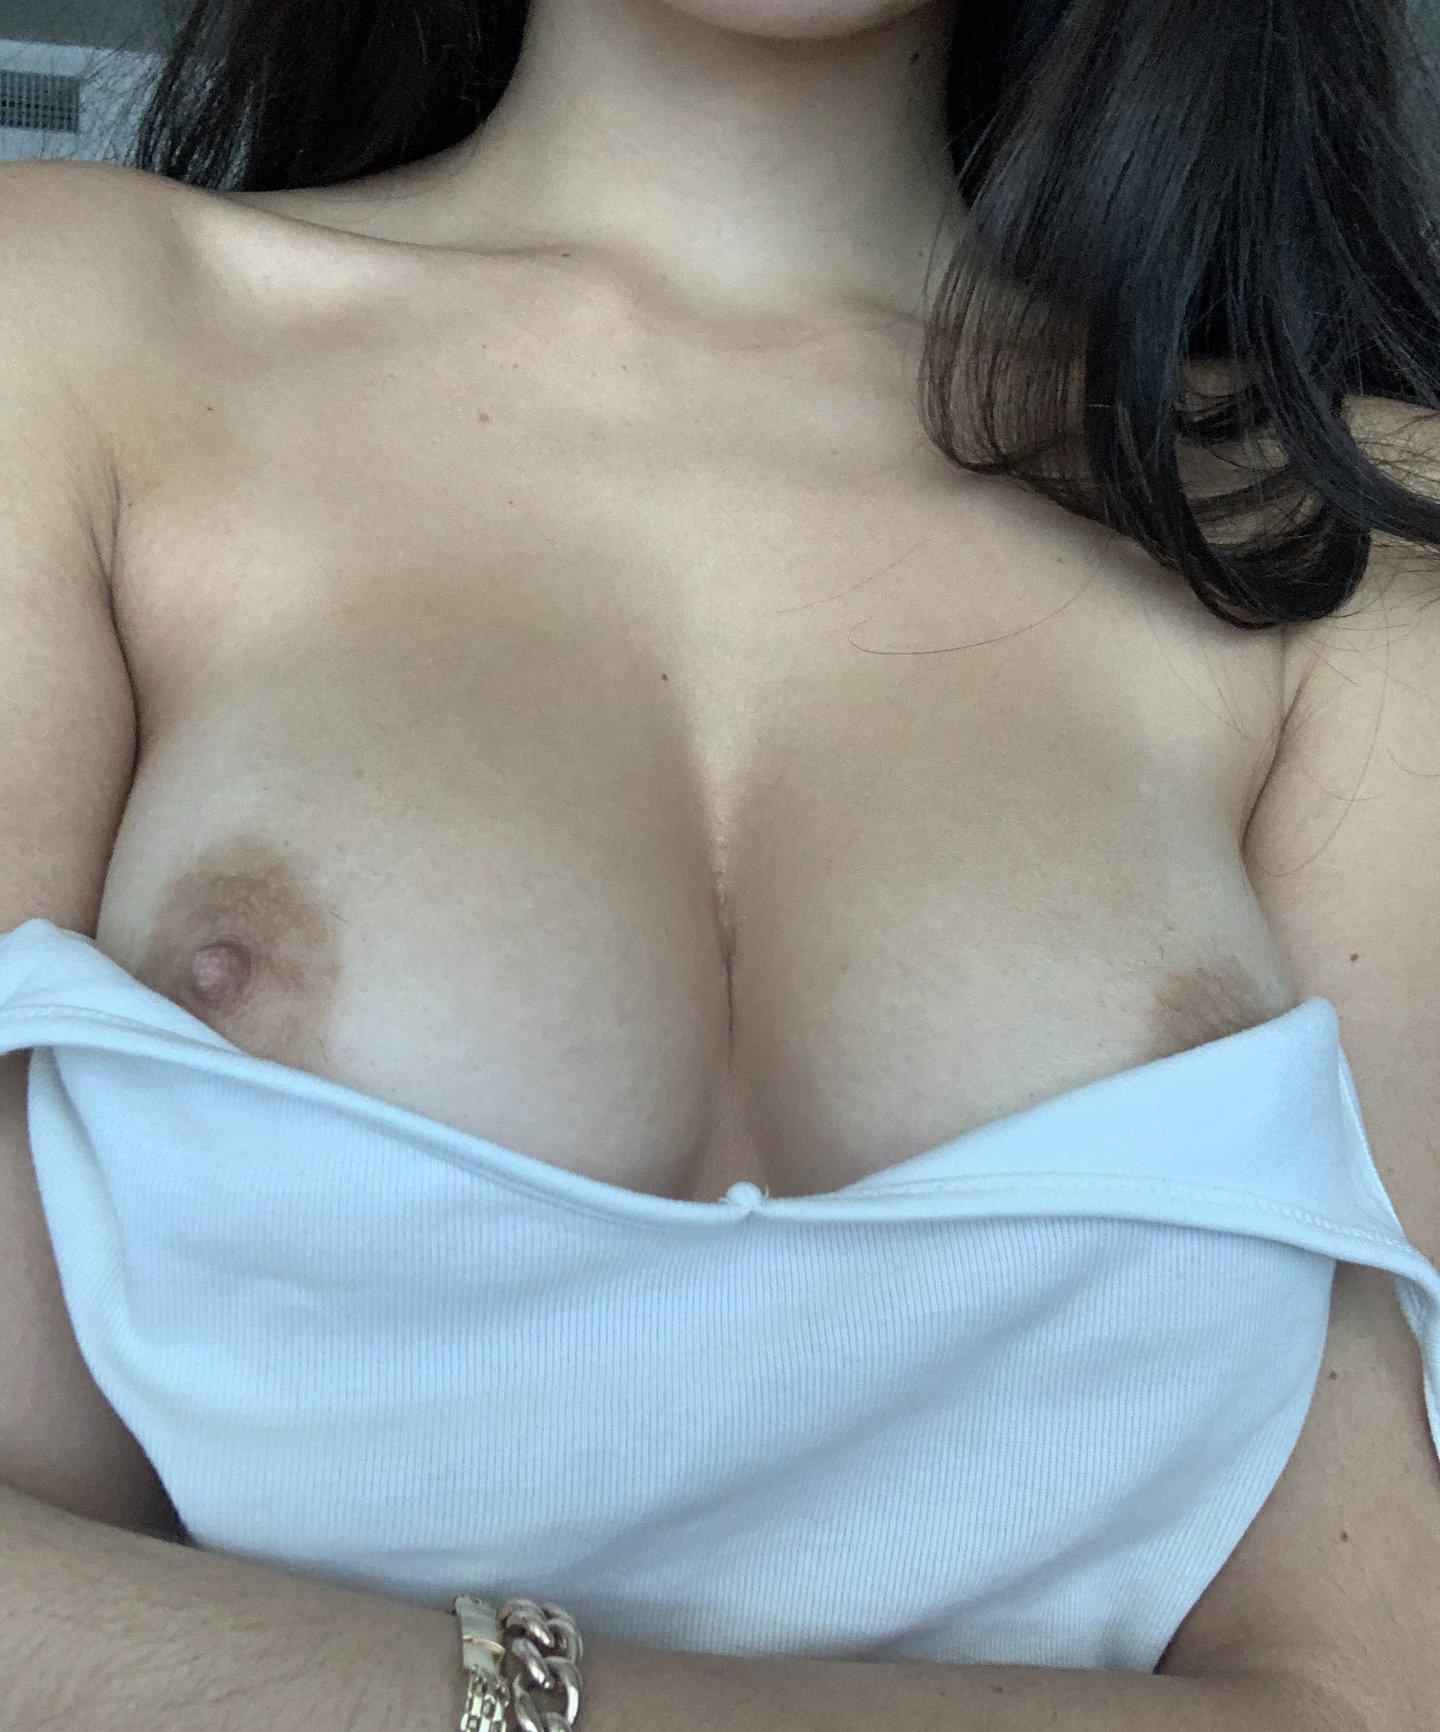 Cheekie Onlyfans Nude Leaks 0016